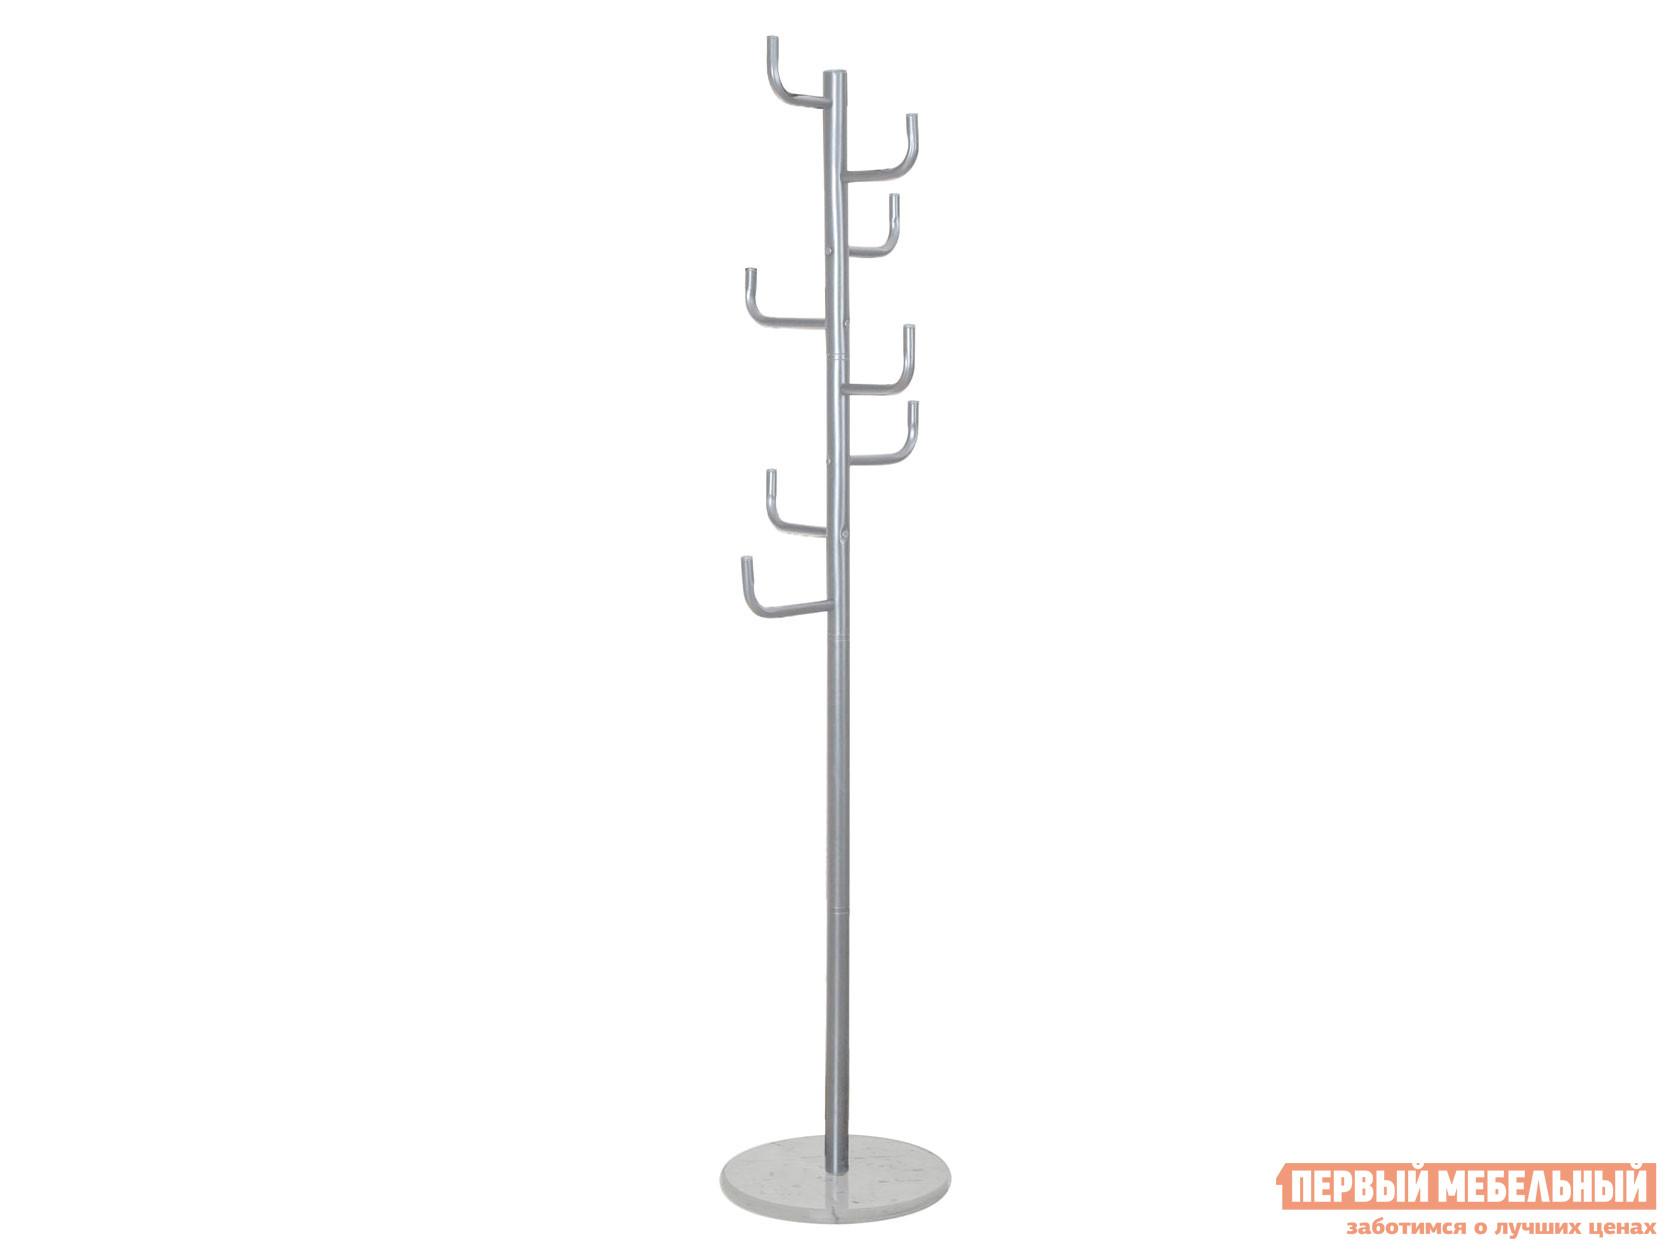 Напольная вешалка  CACTUS Серебро / Белый мрамор Sedia 124908